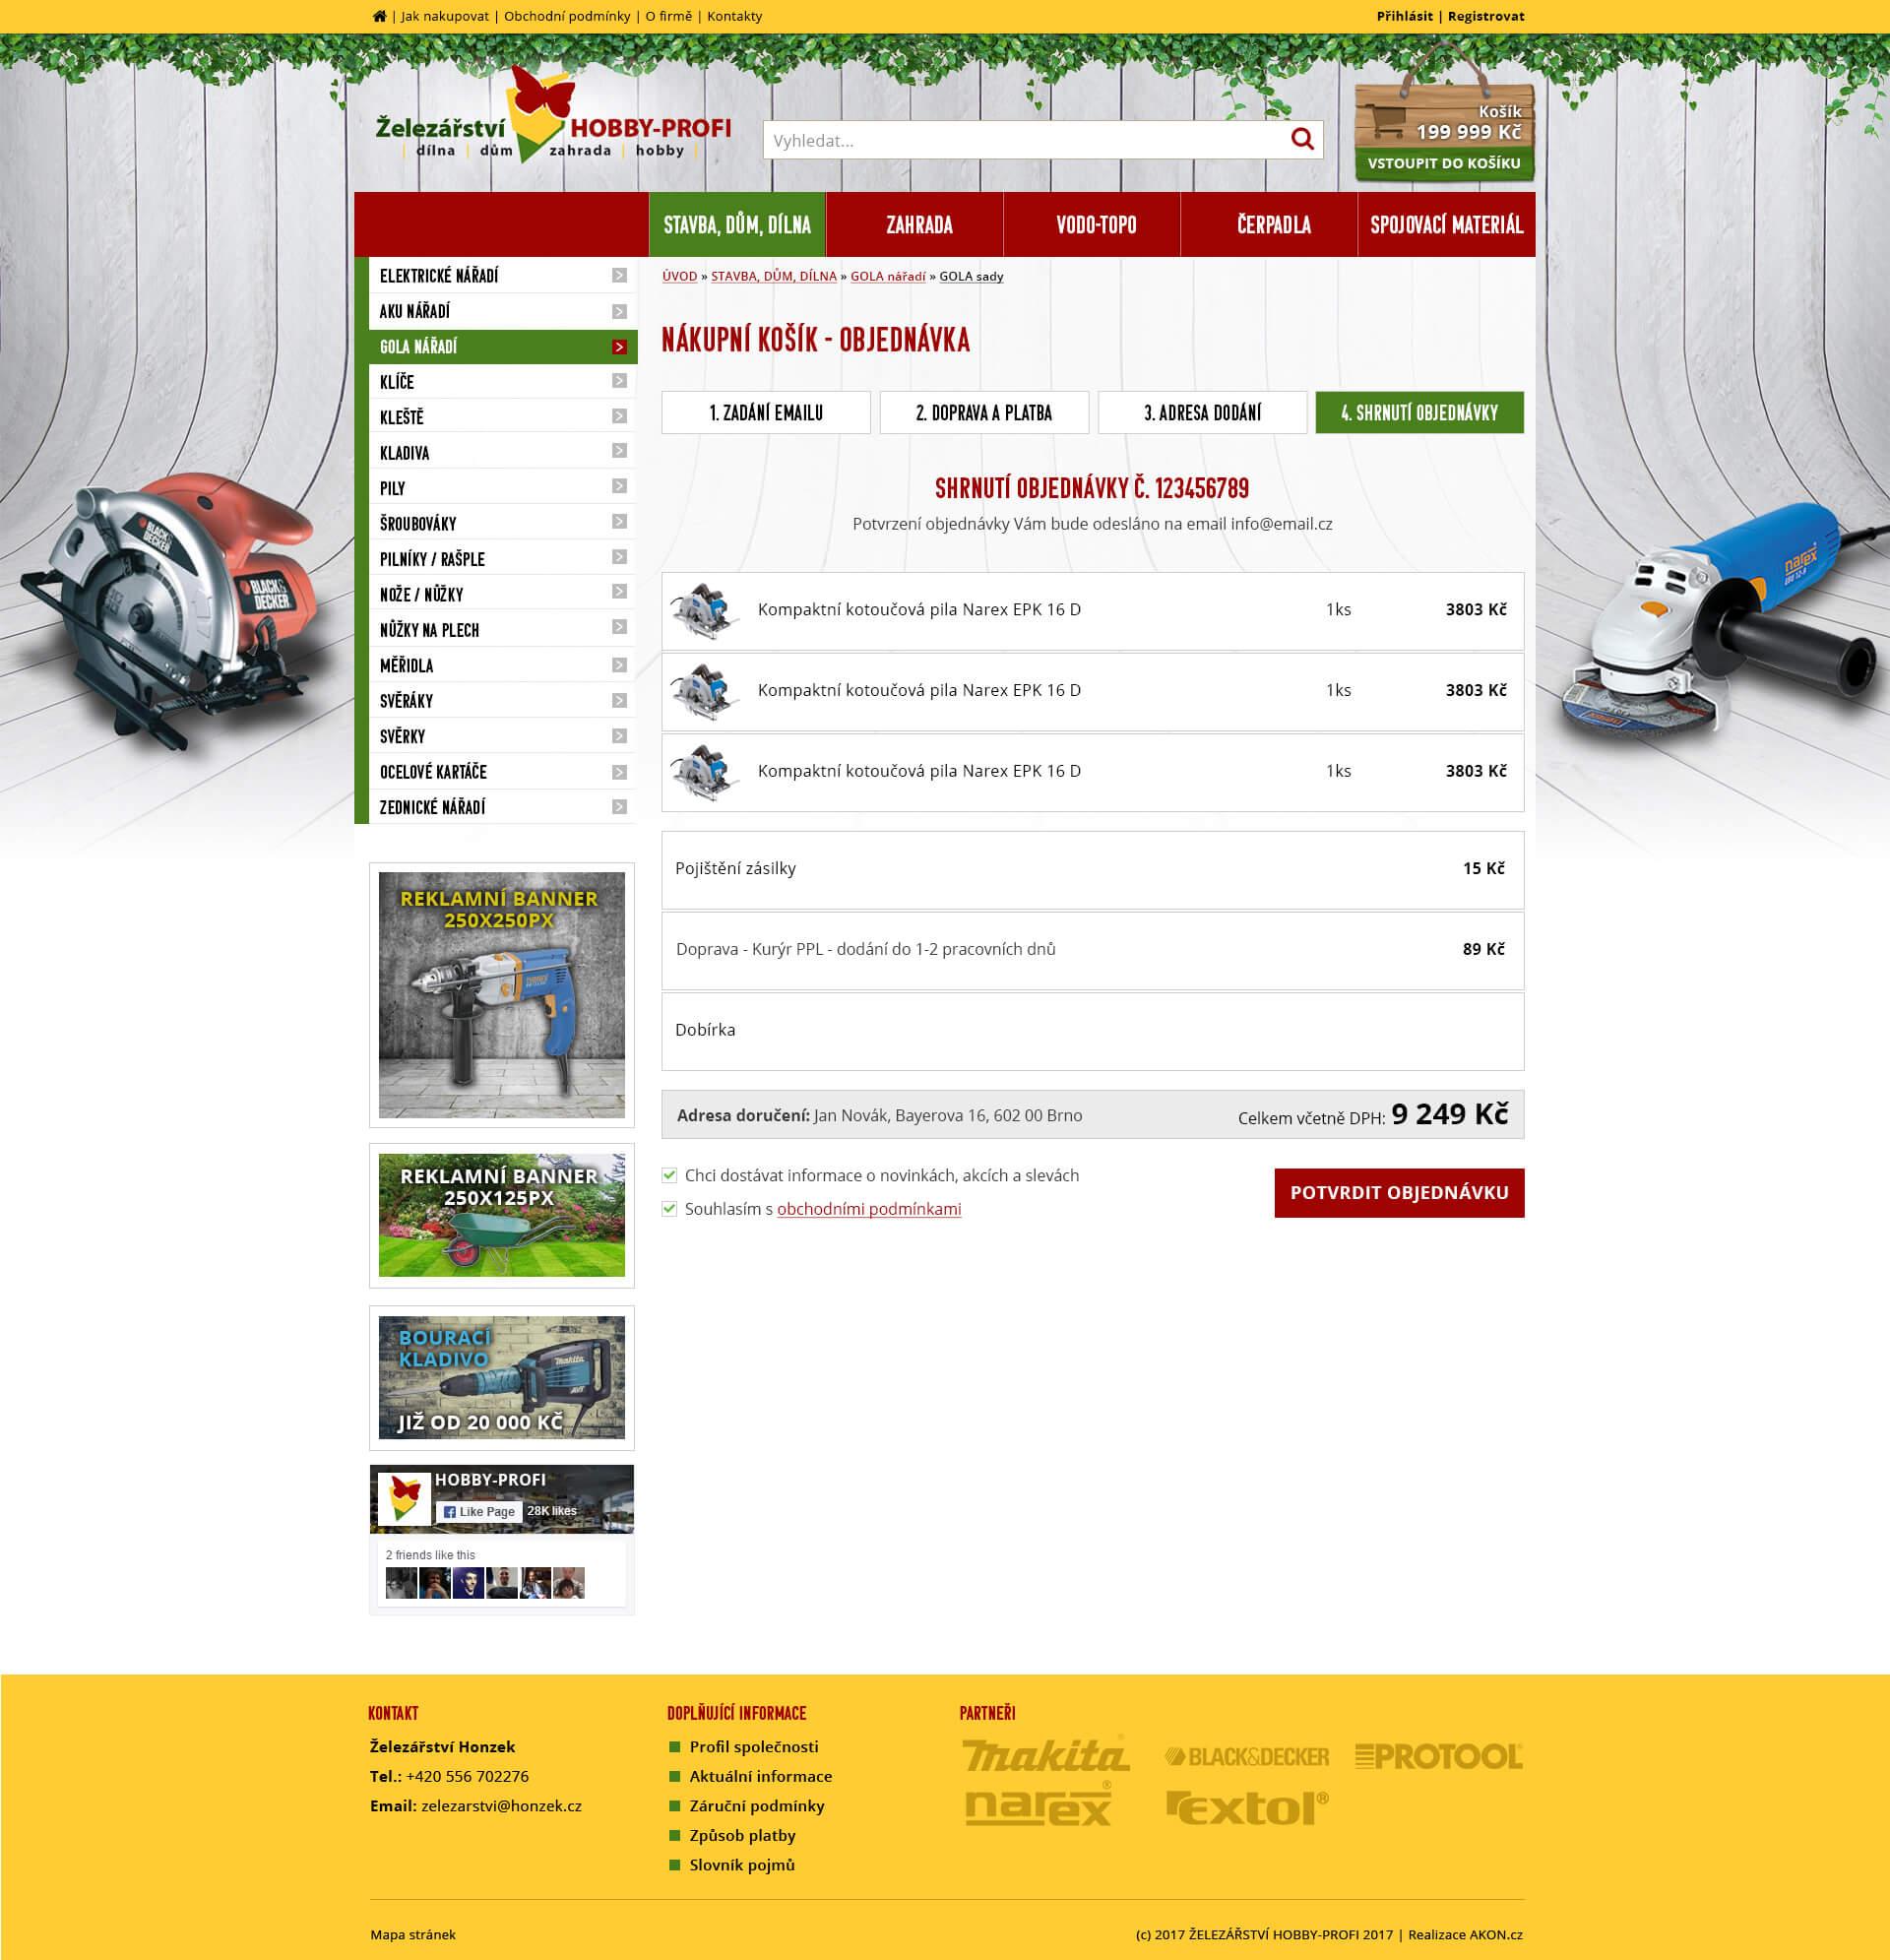 hobby-profi-webdesign-v4-objednavka-4